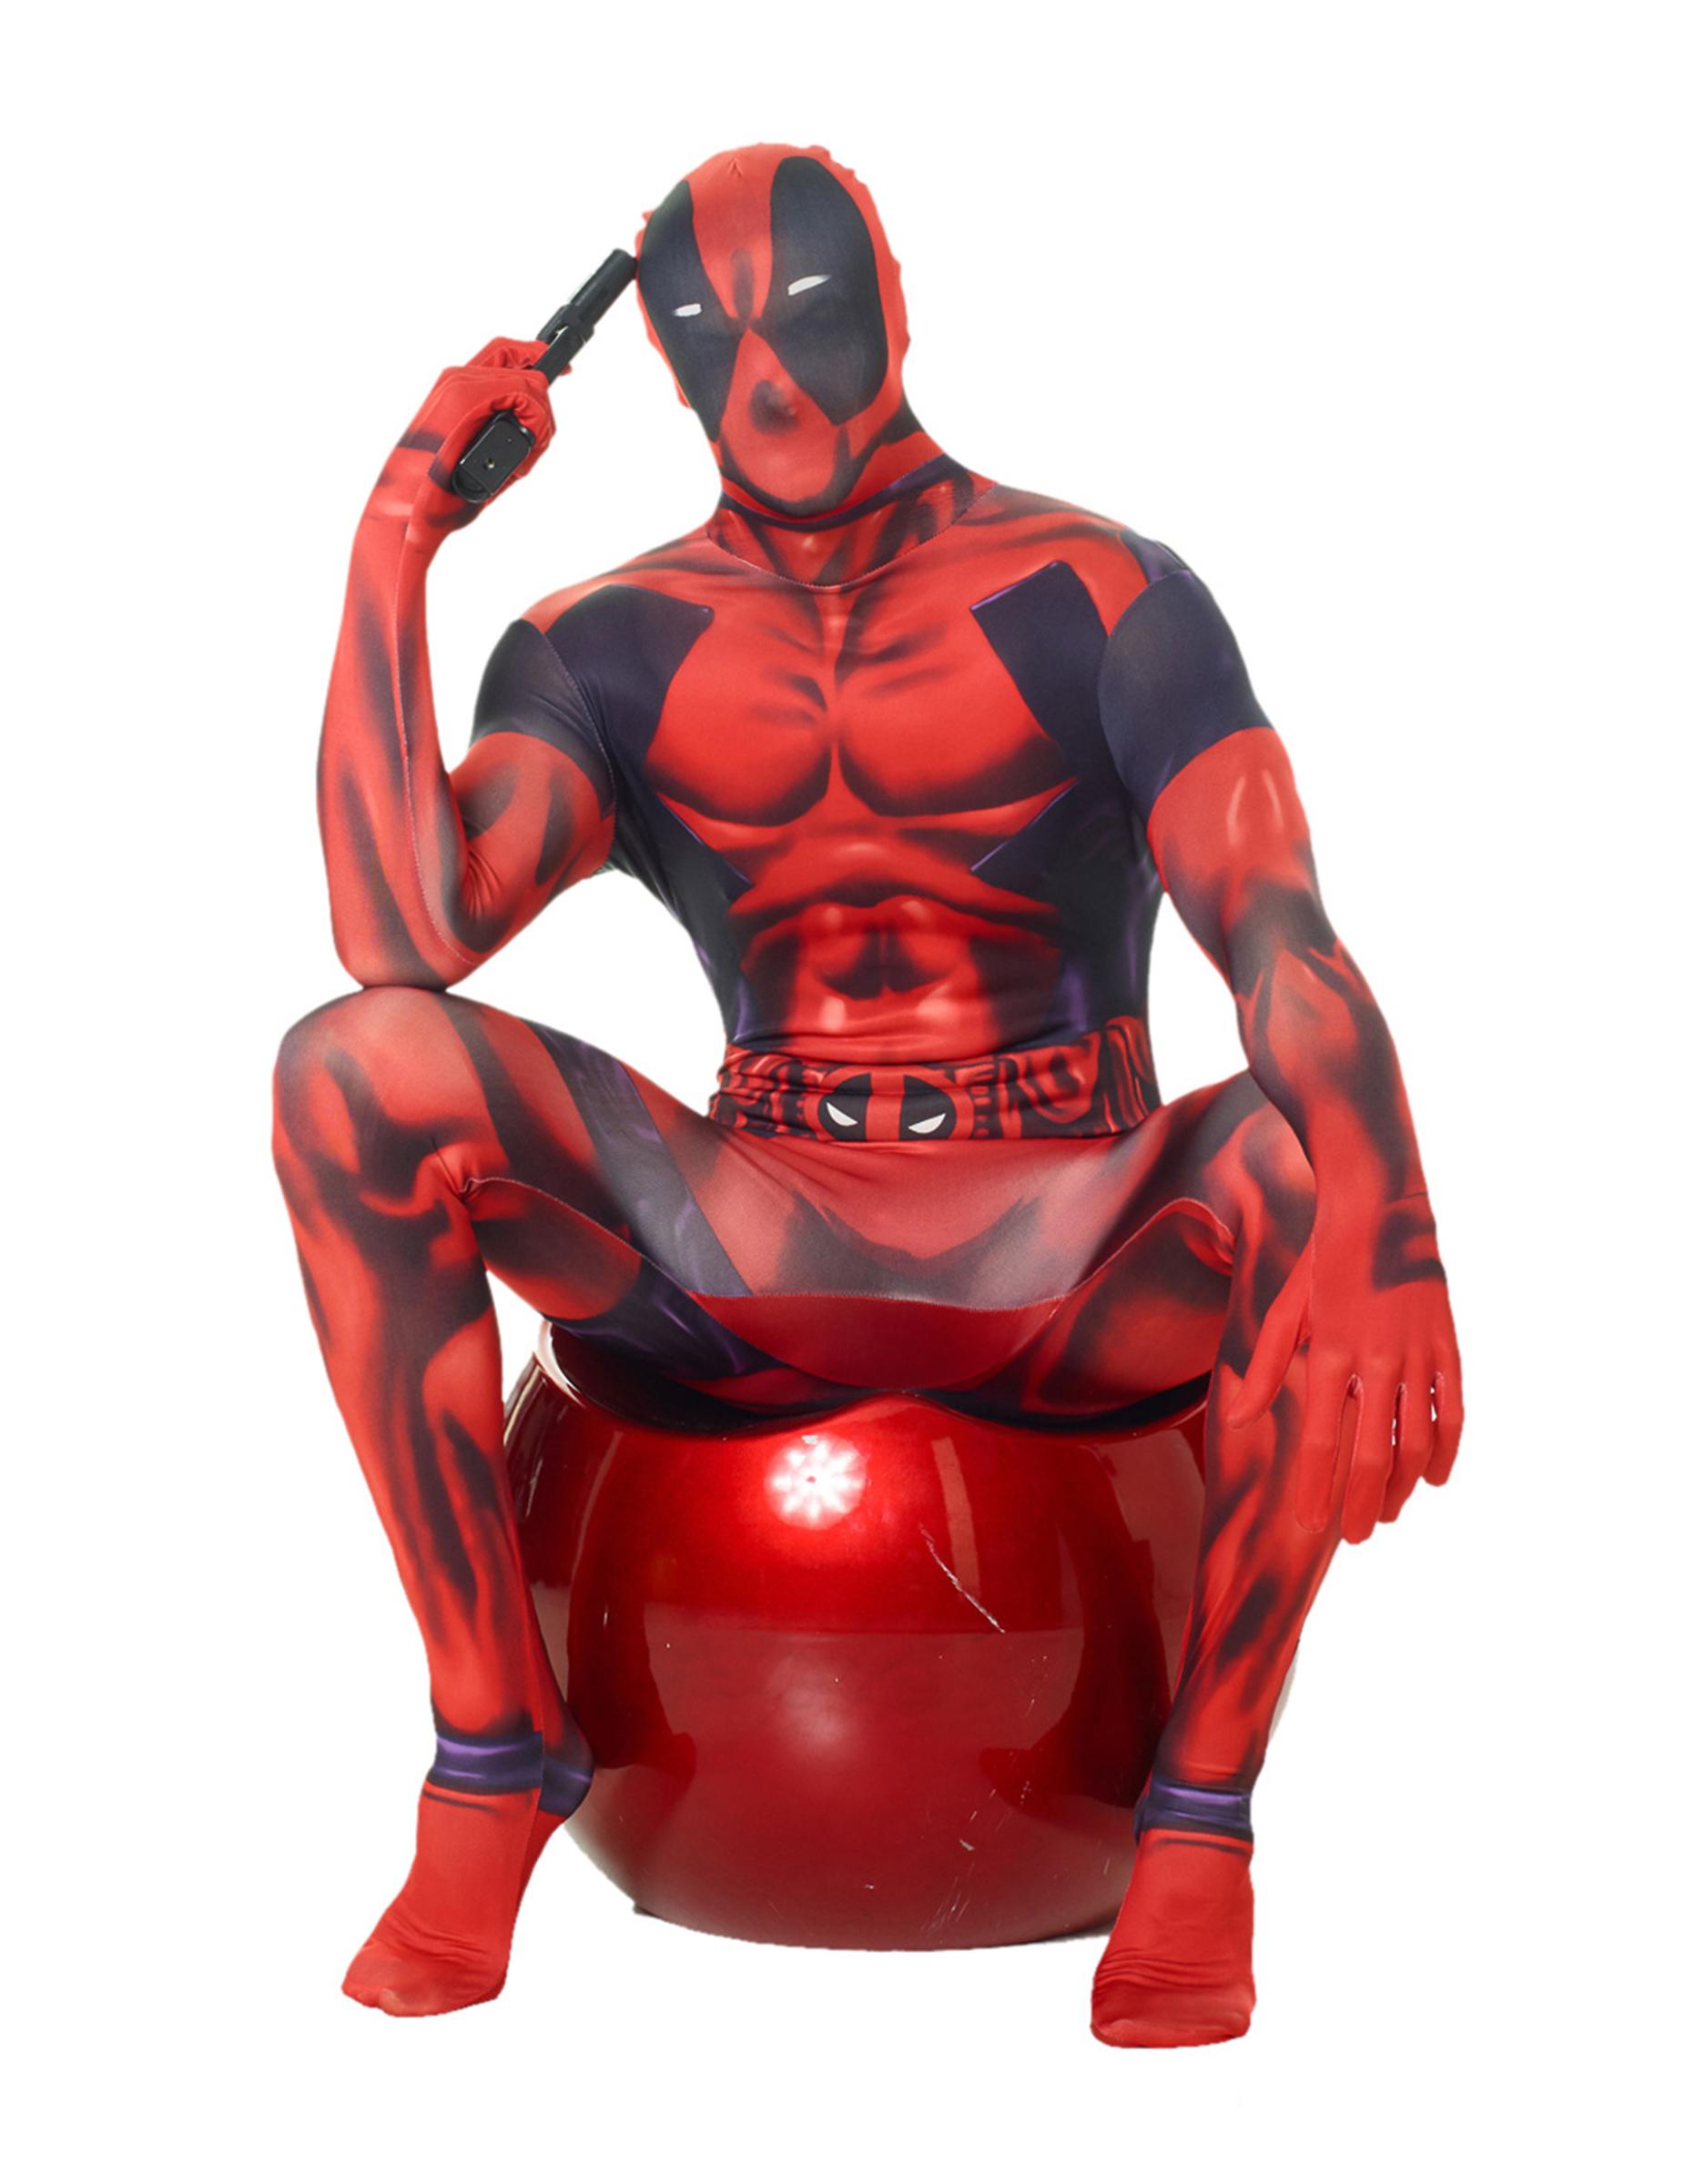 Disfraz Morphsuits Deadpool Clásico Adulto Disfraces Adultos Y Disfraces Originales Baratos Vegaoo